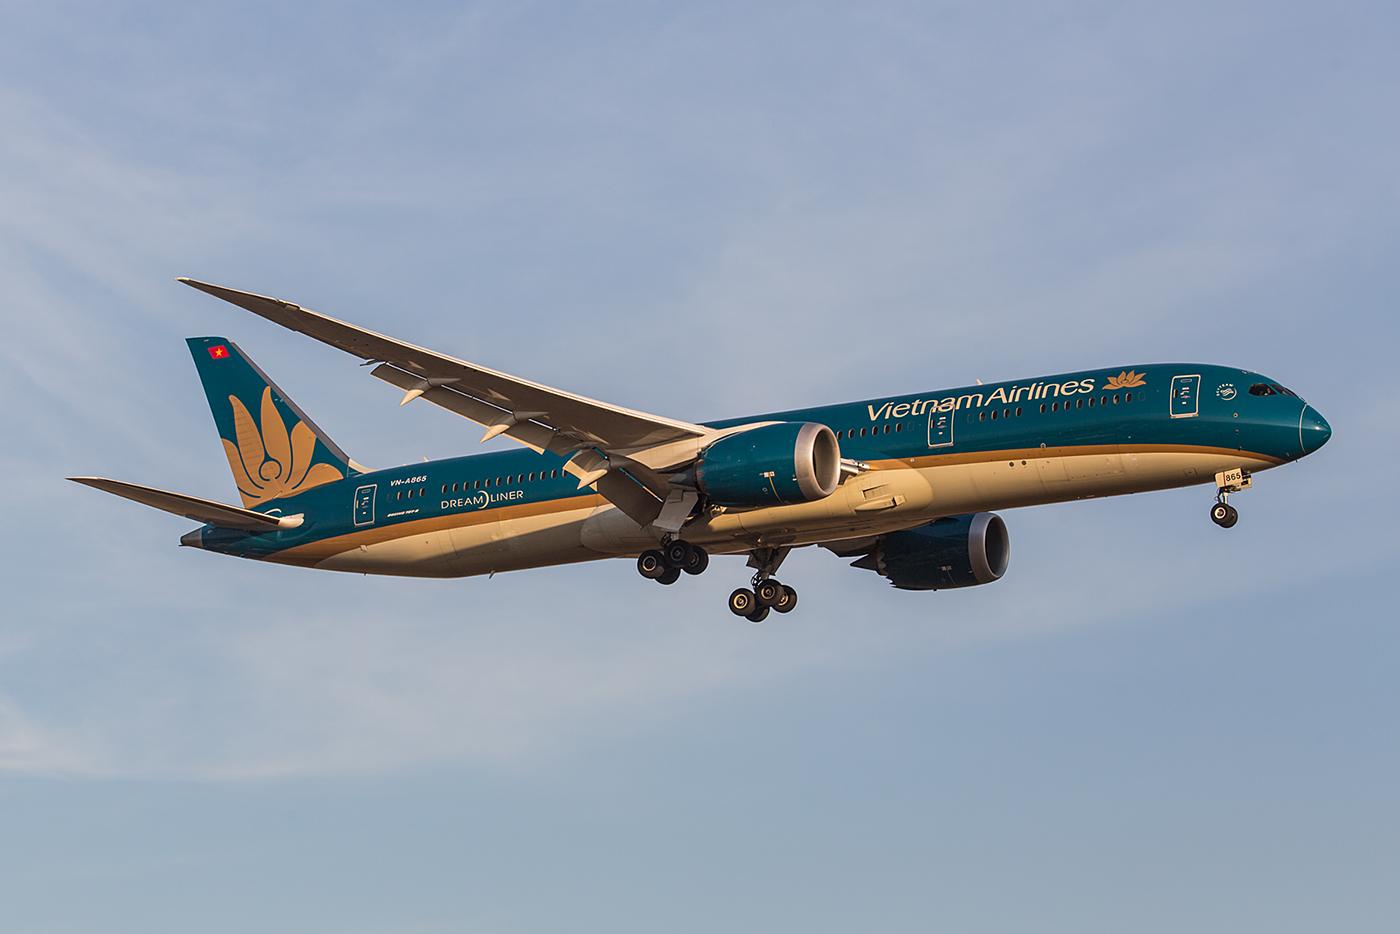 Die Boeing 787 kommen nicht nur auf internationalen Routen zum Einsatz, sondern fliegen auch lokal.